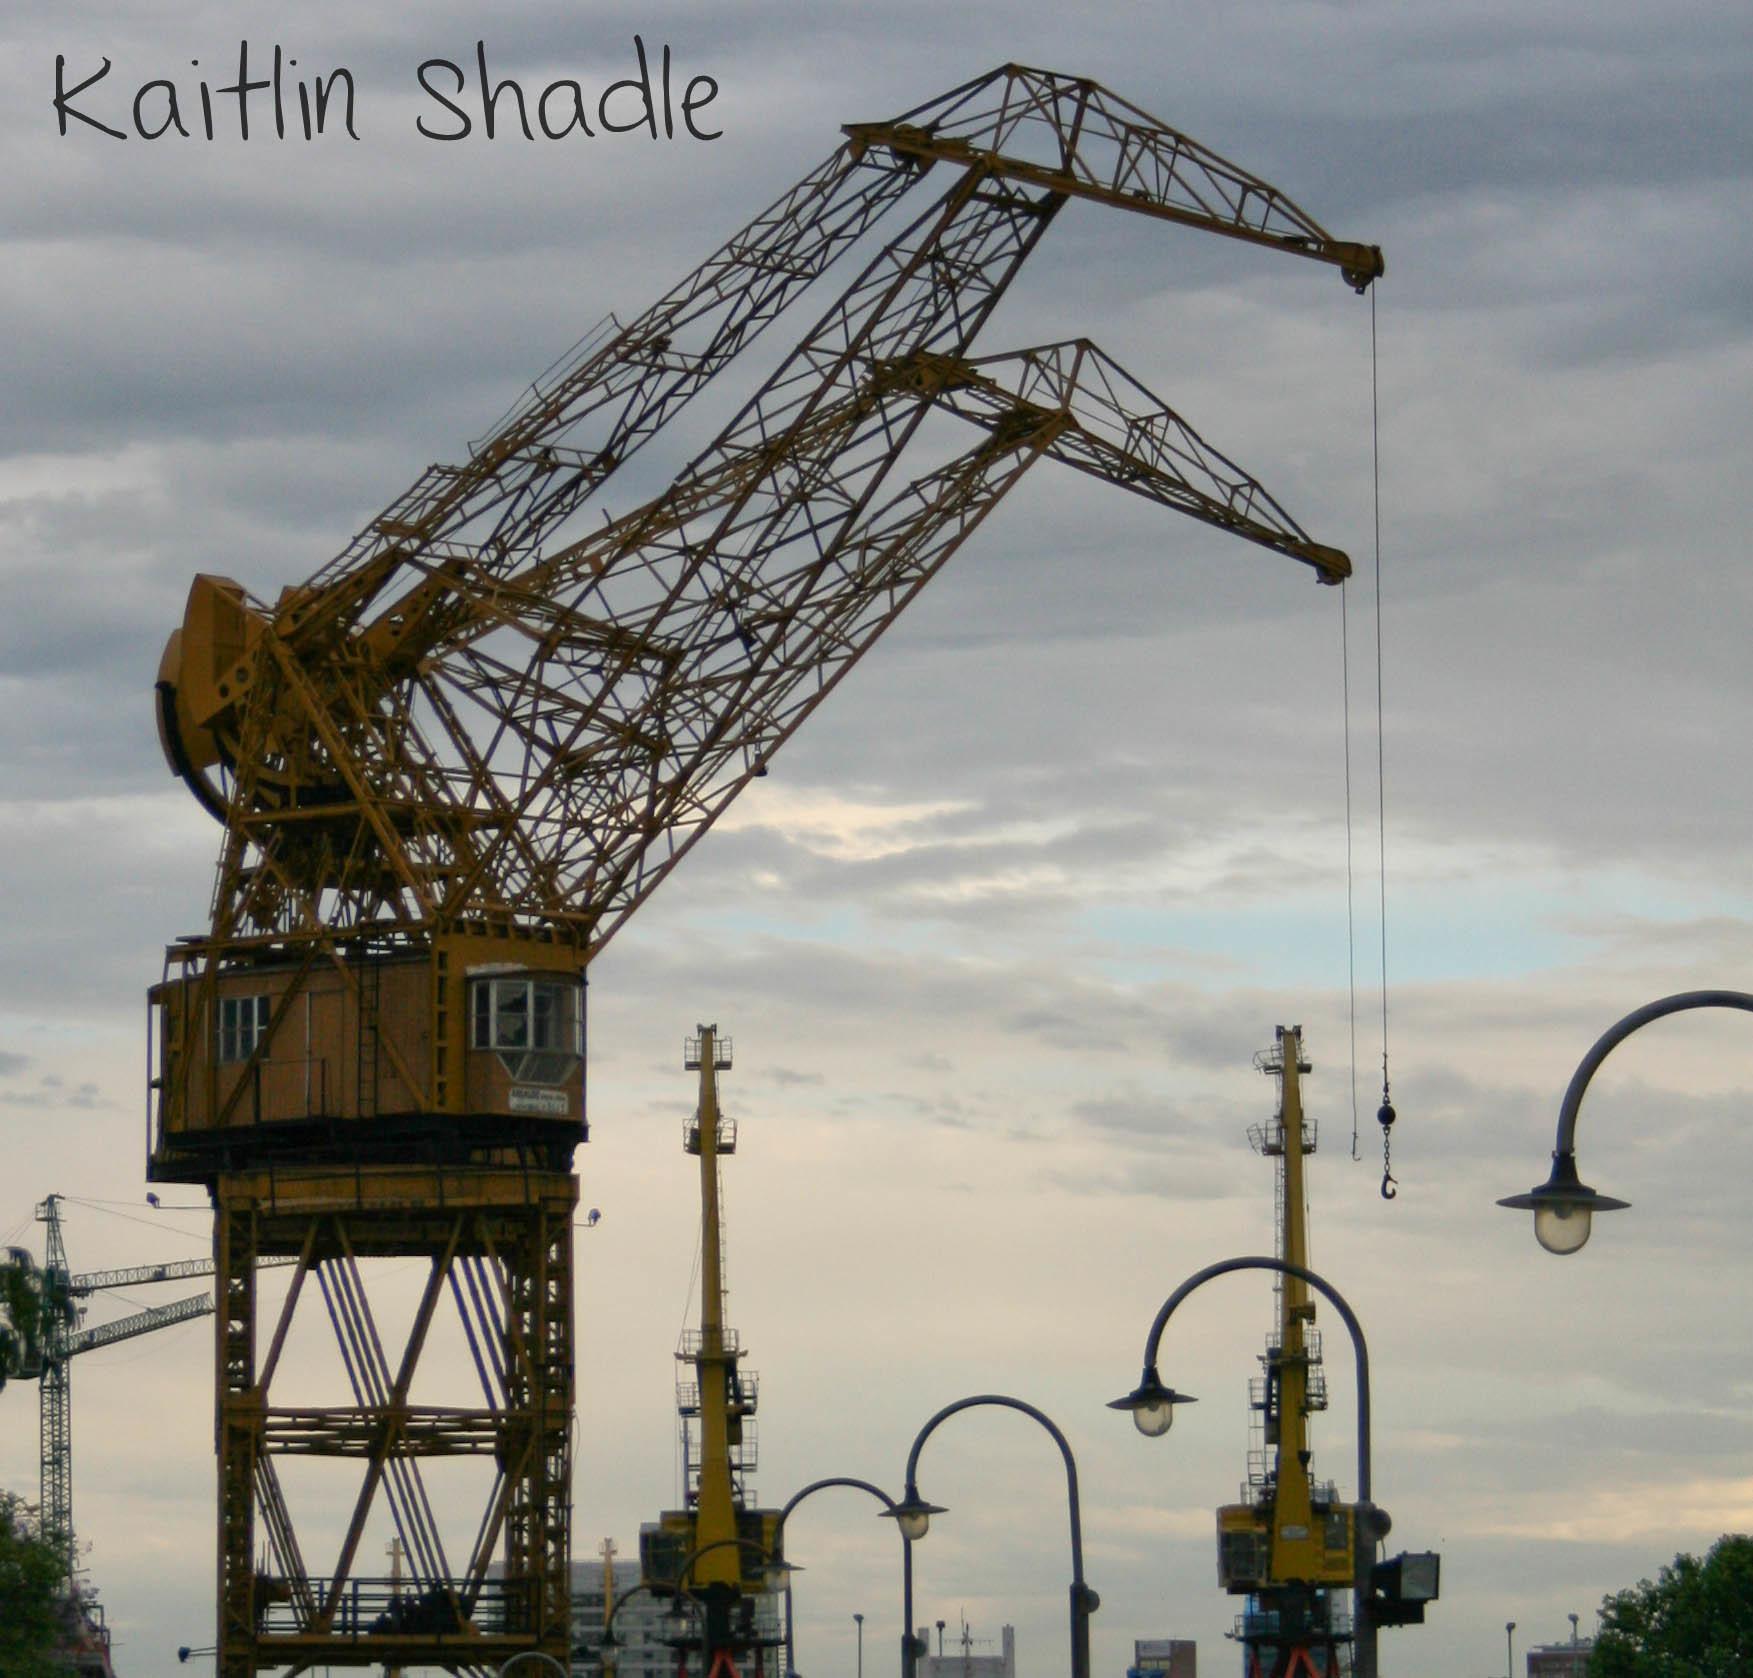 Double Cranes